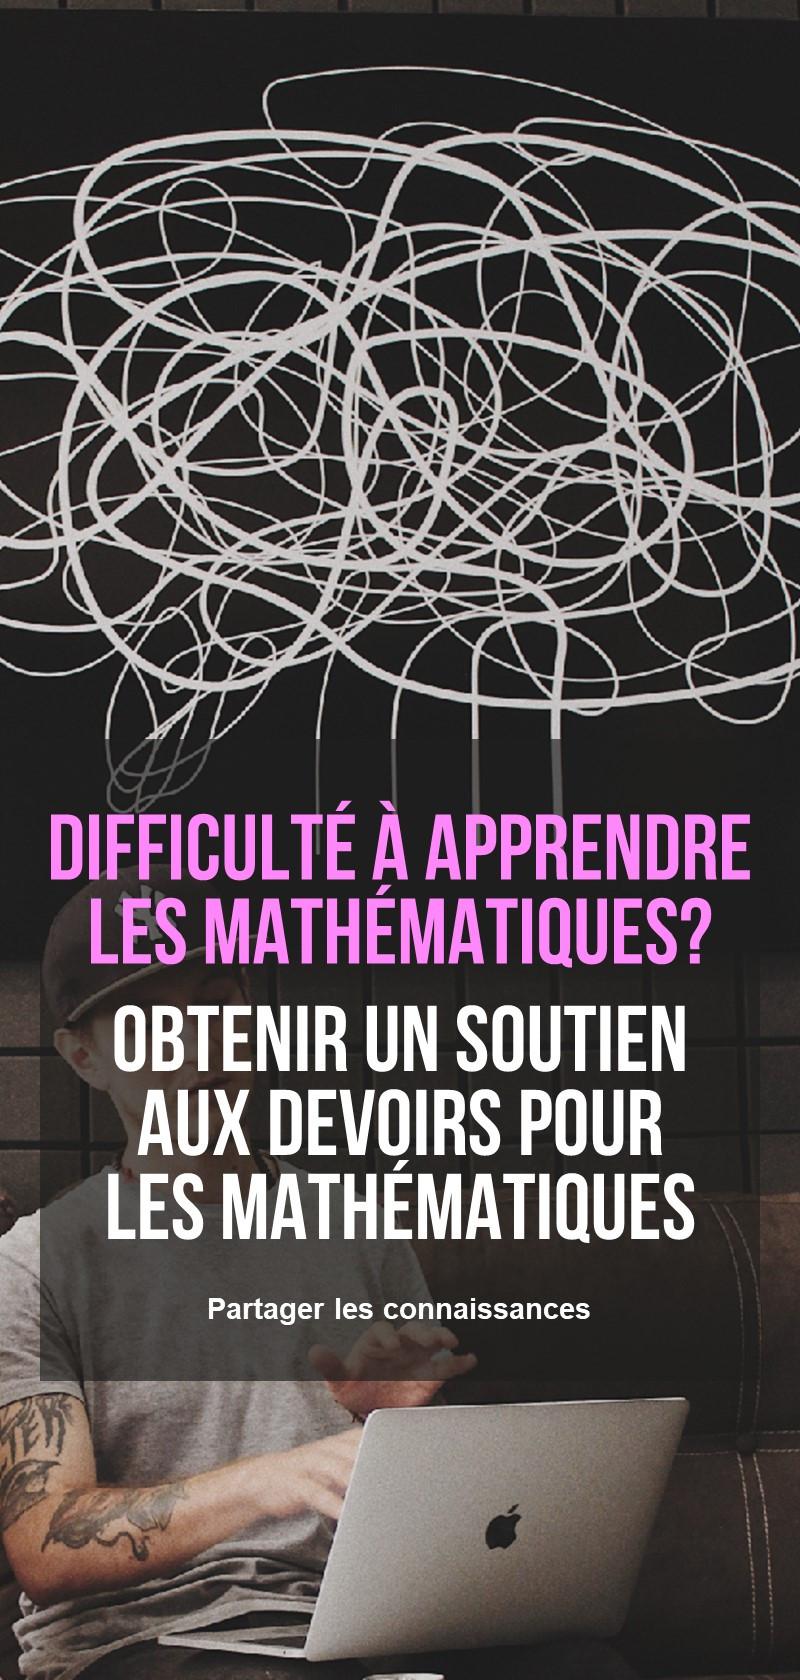 Soutien aux devoirs pour les mathématiques